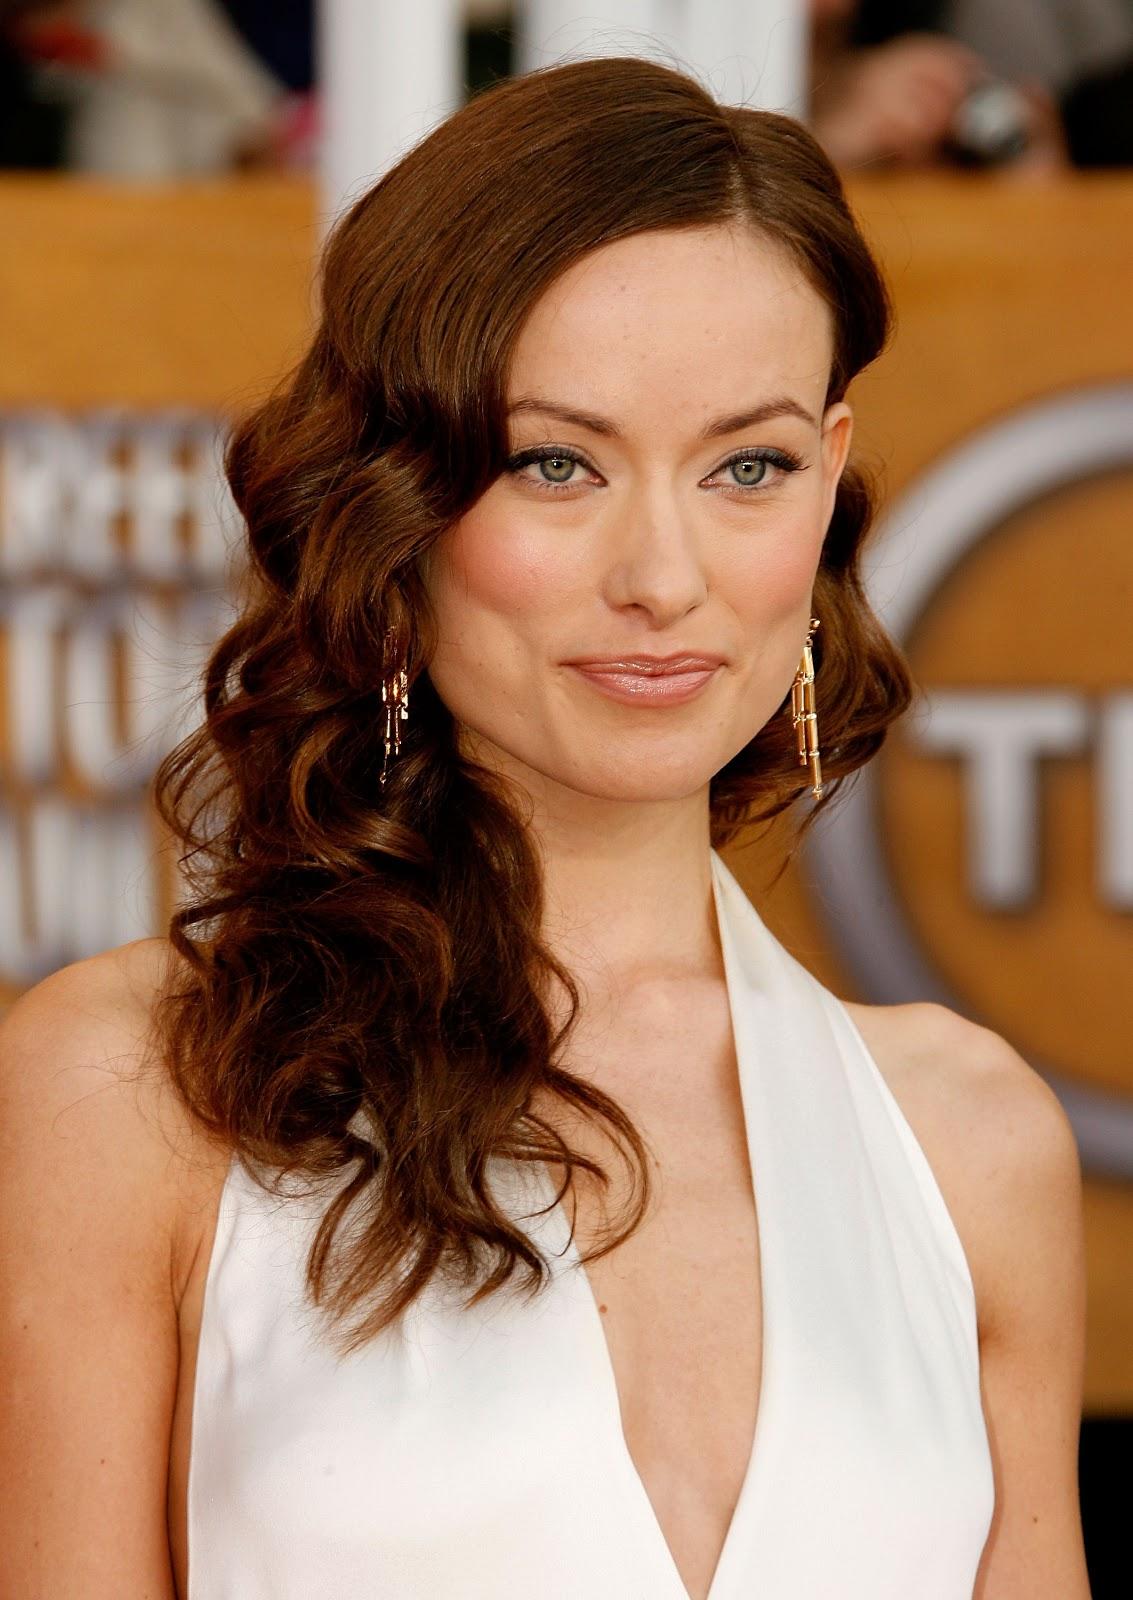 http://2.bp.blogspot.com/-7g2jhzkogWc/Tv53J9MB-SI/AAAAAAAAE_8/LDAW1tlGrx8/s1600/OliviaWilde_hairstyle.jpg